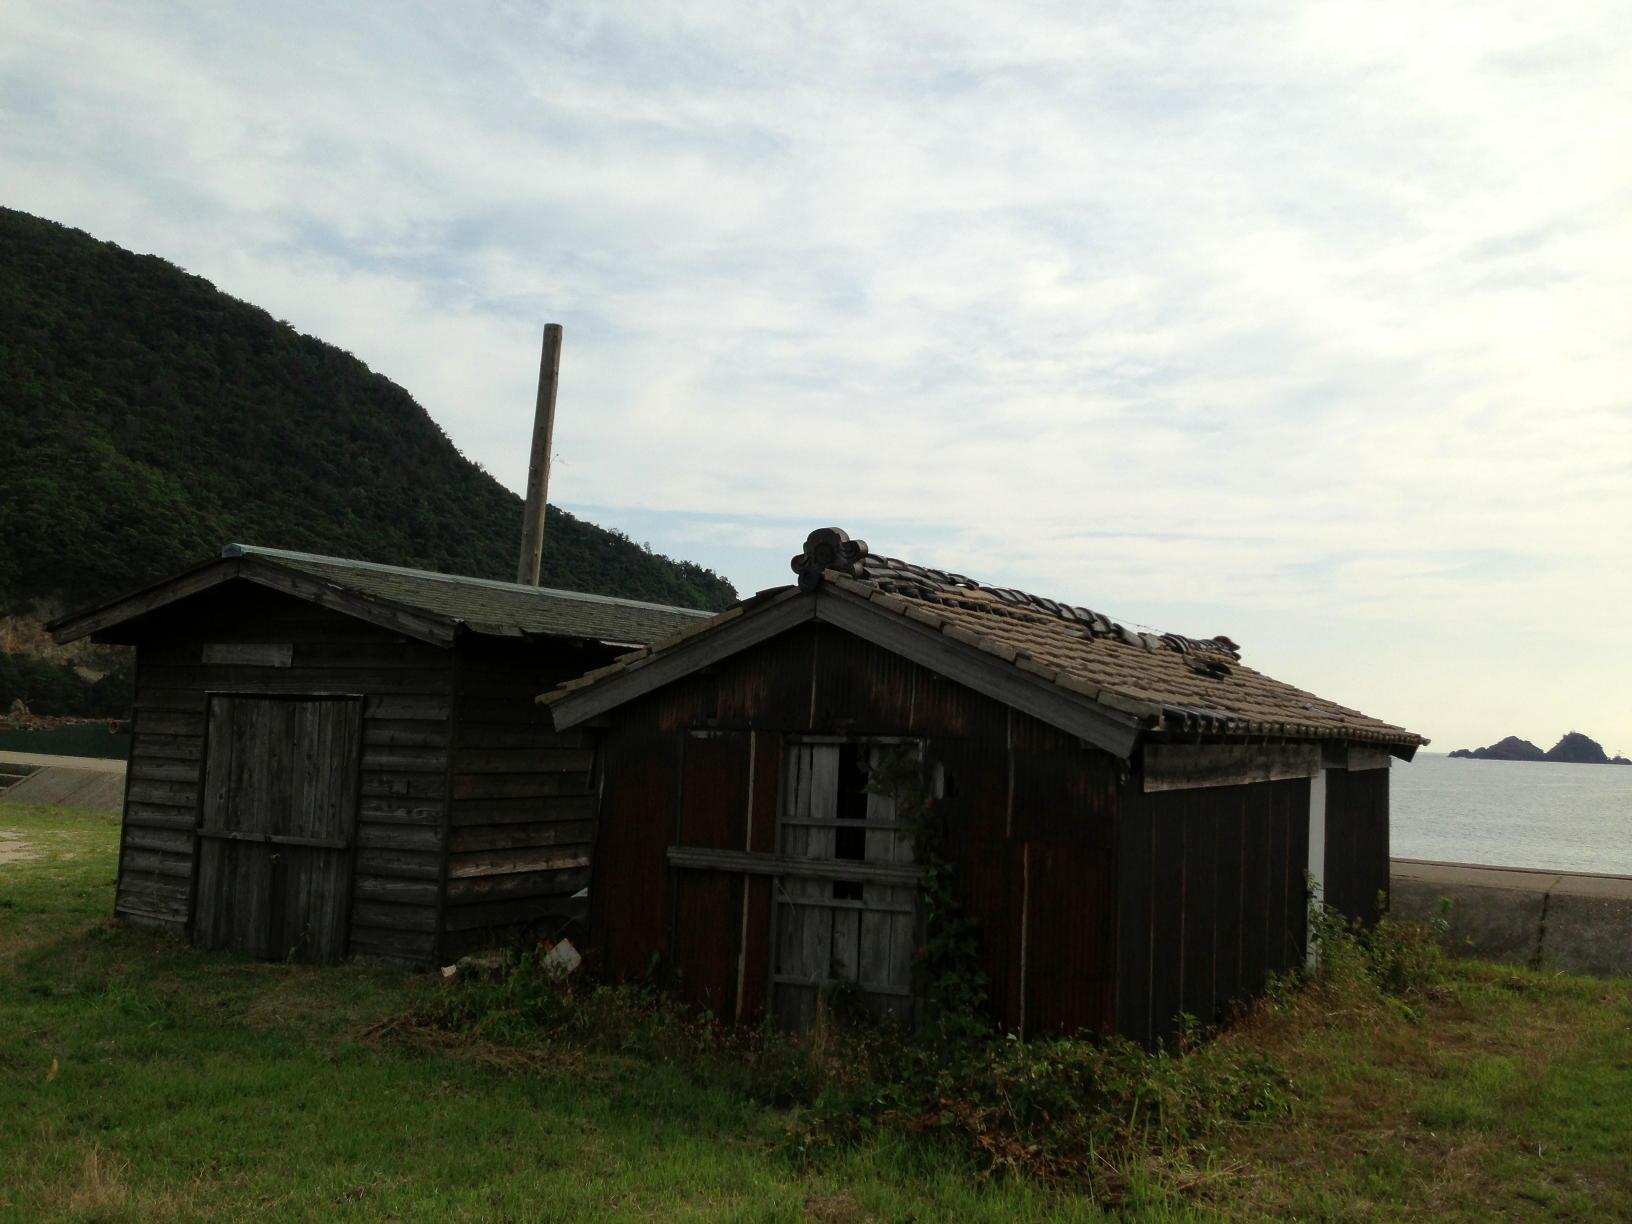 佐津ビーチにある古びた建物は何?~船小屋の歴史